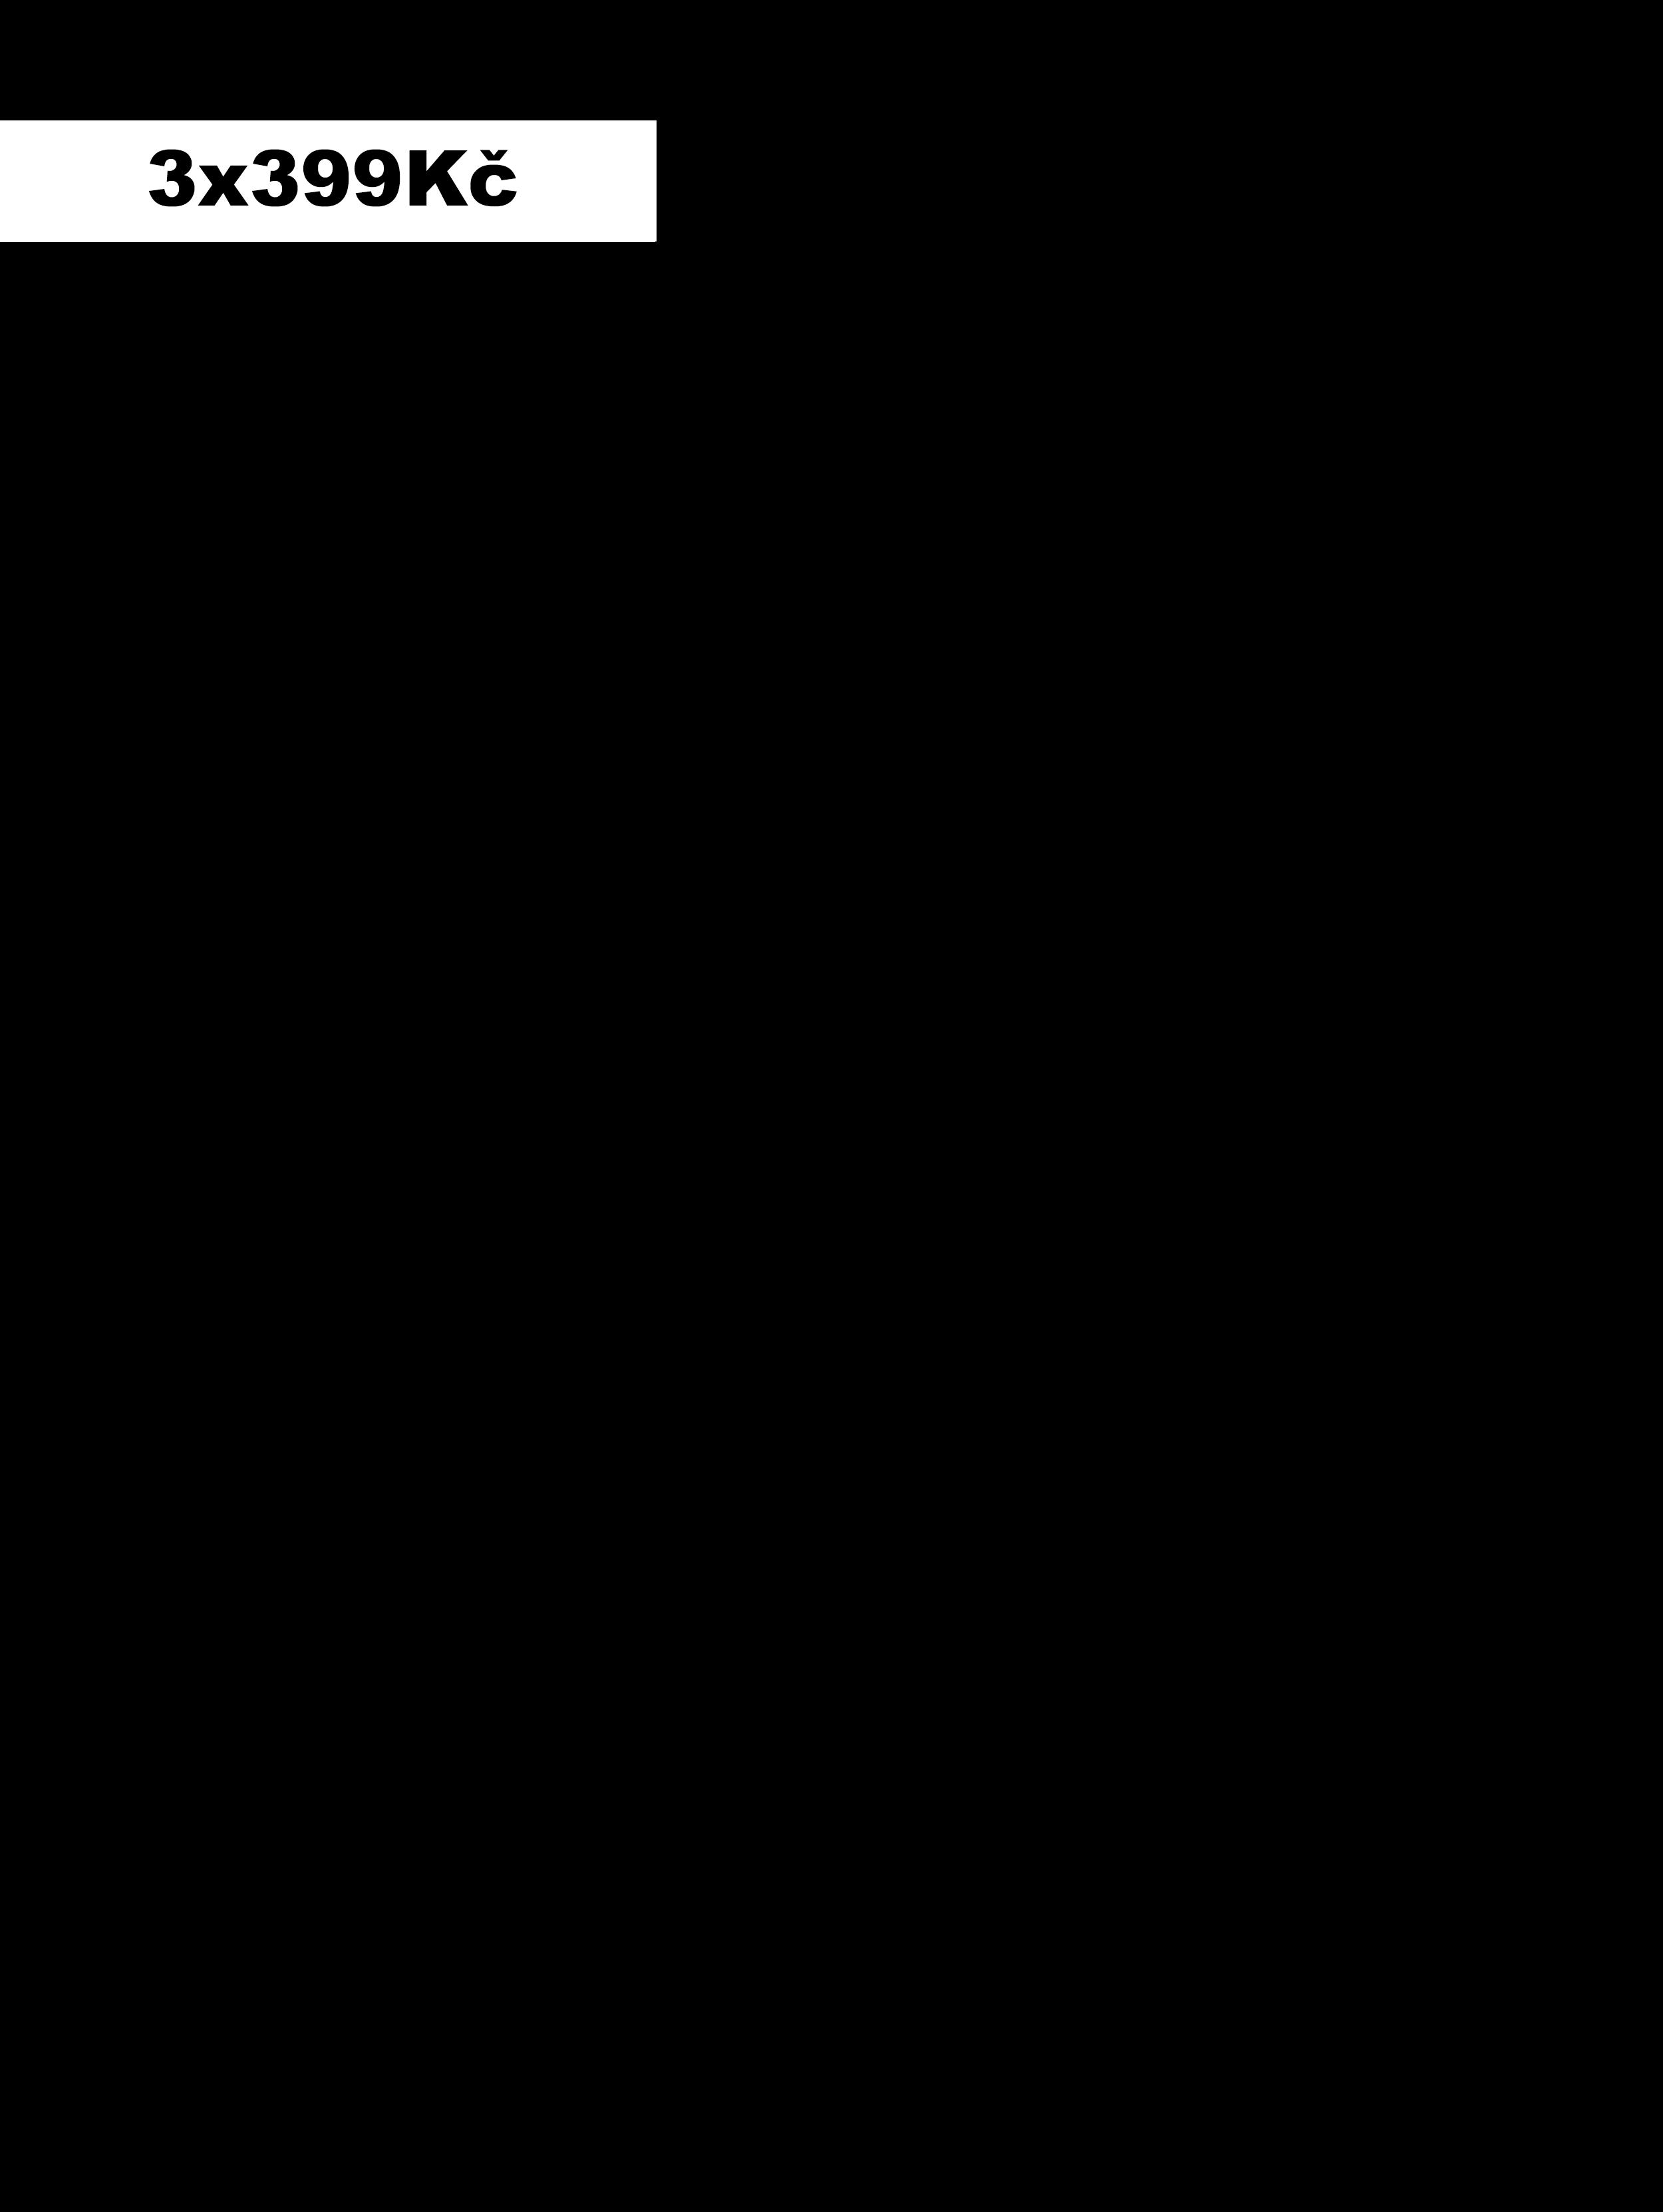 CZ_3x399